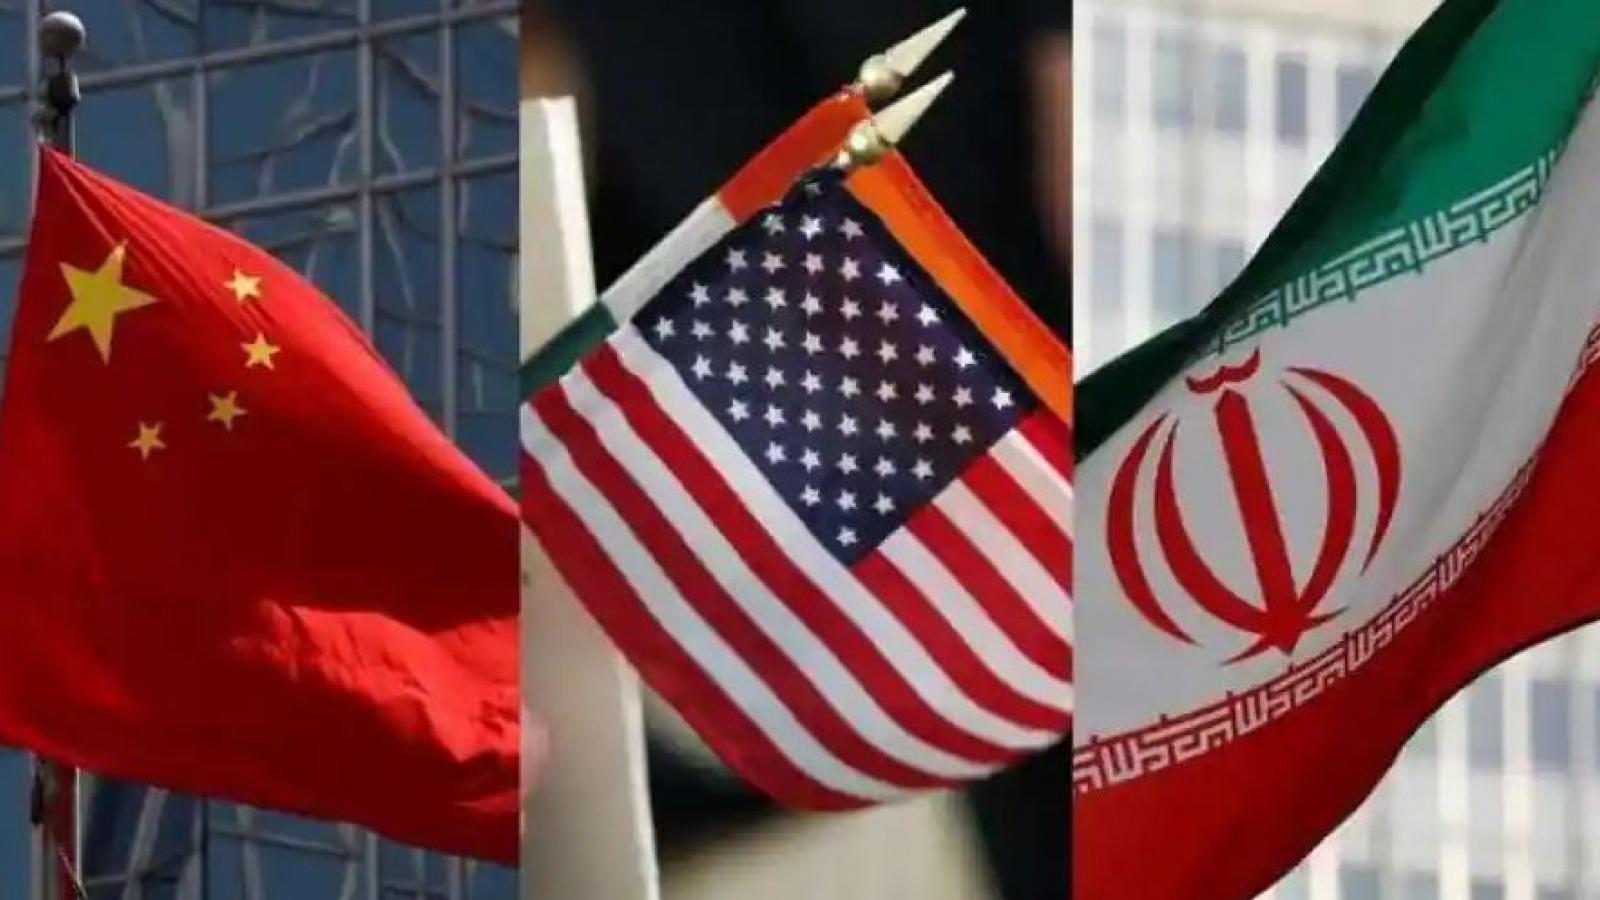 Trung Quốc kêu gọi Mỹ dỡ bỏ trừng phạt Iran, tiến tới thỏa thuận hạt nhân cuối cùng